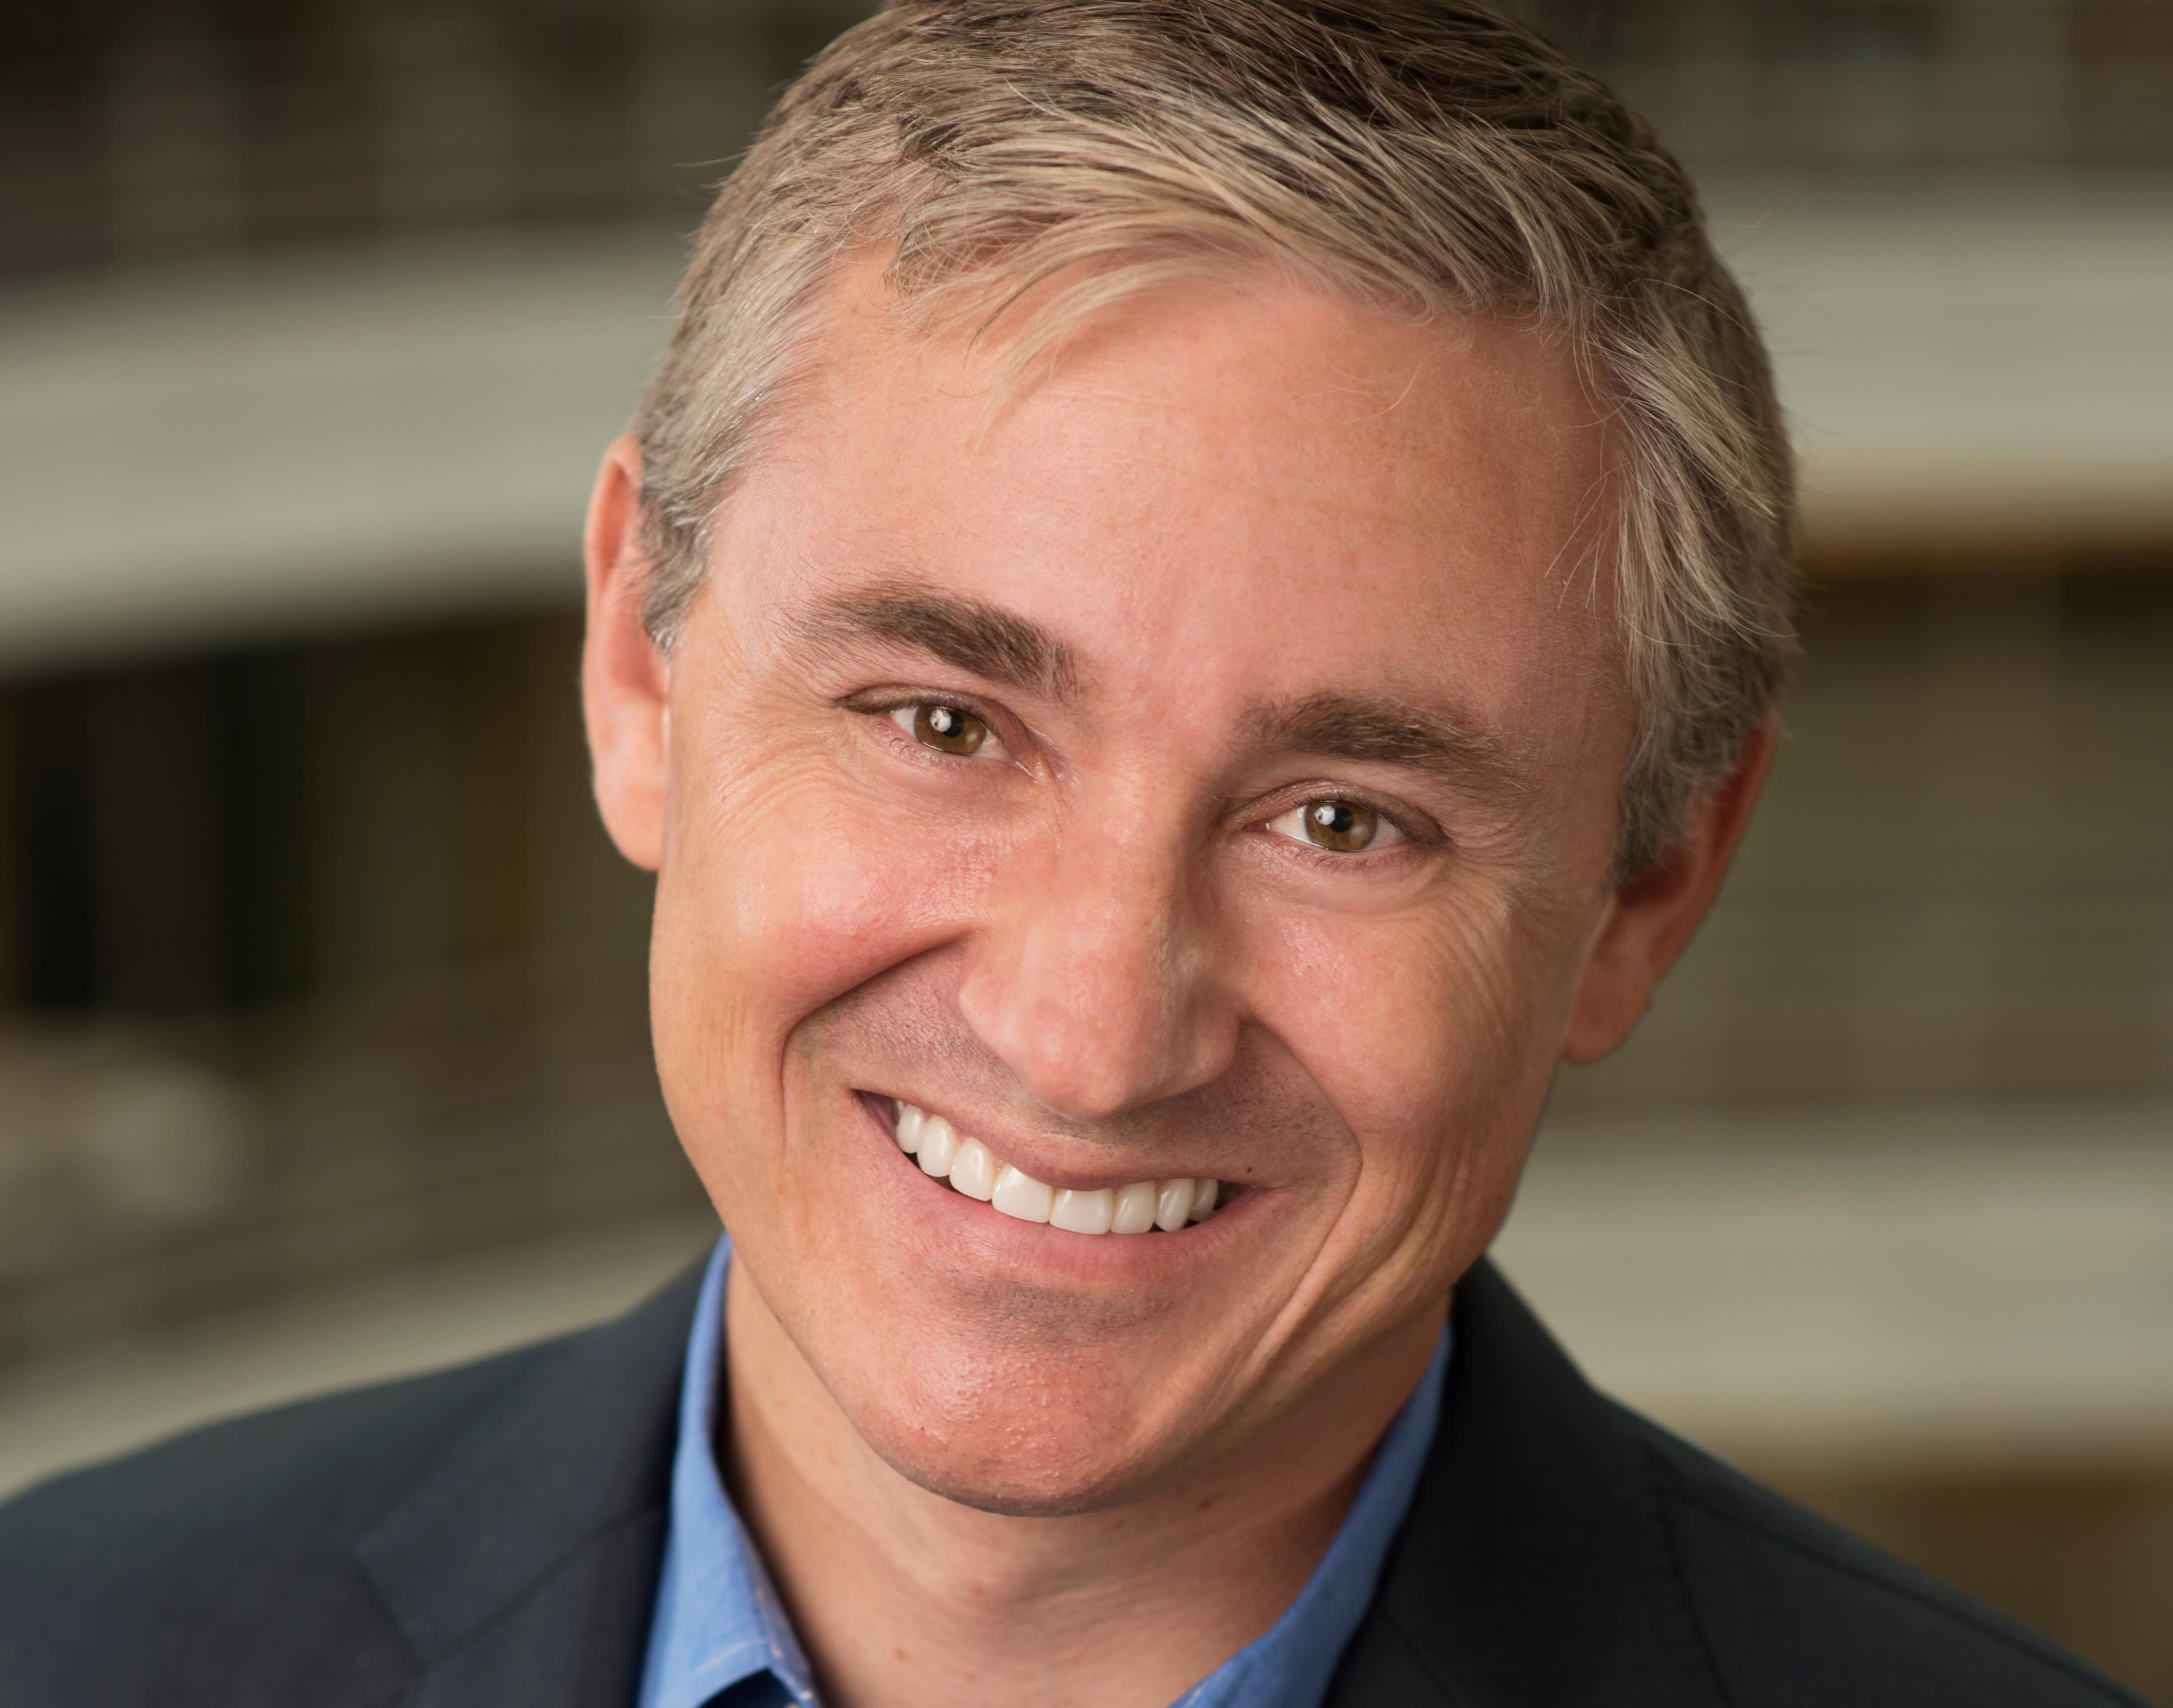 H/O: Frank Gibeau headshot CEO of Zynga